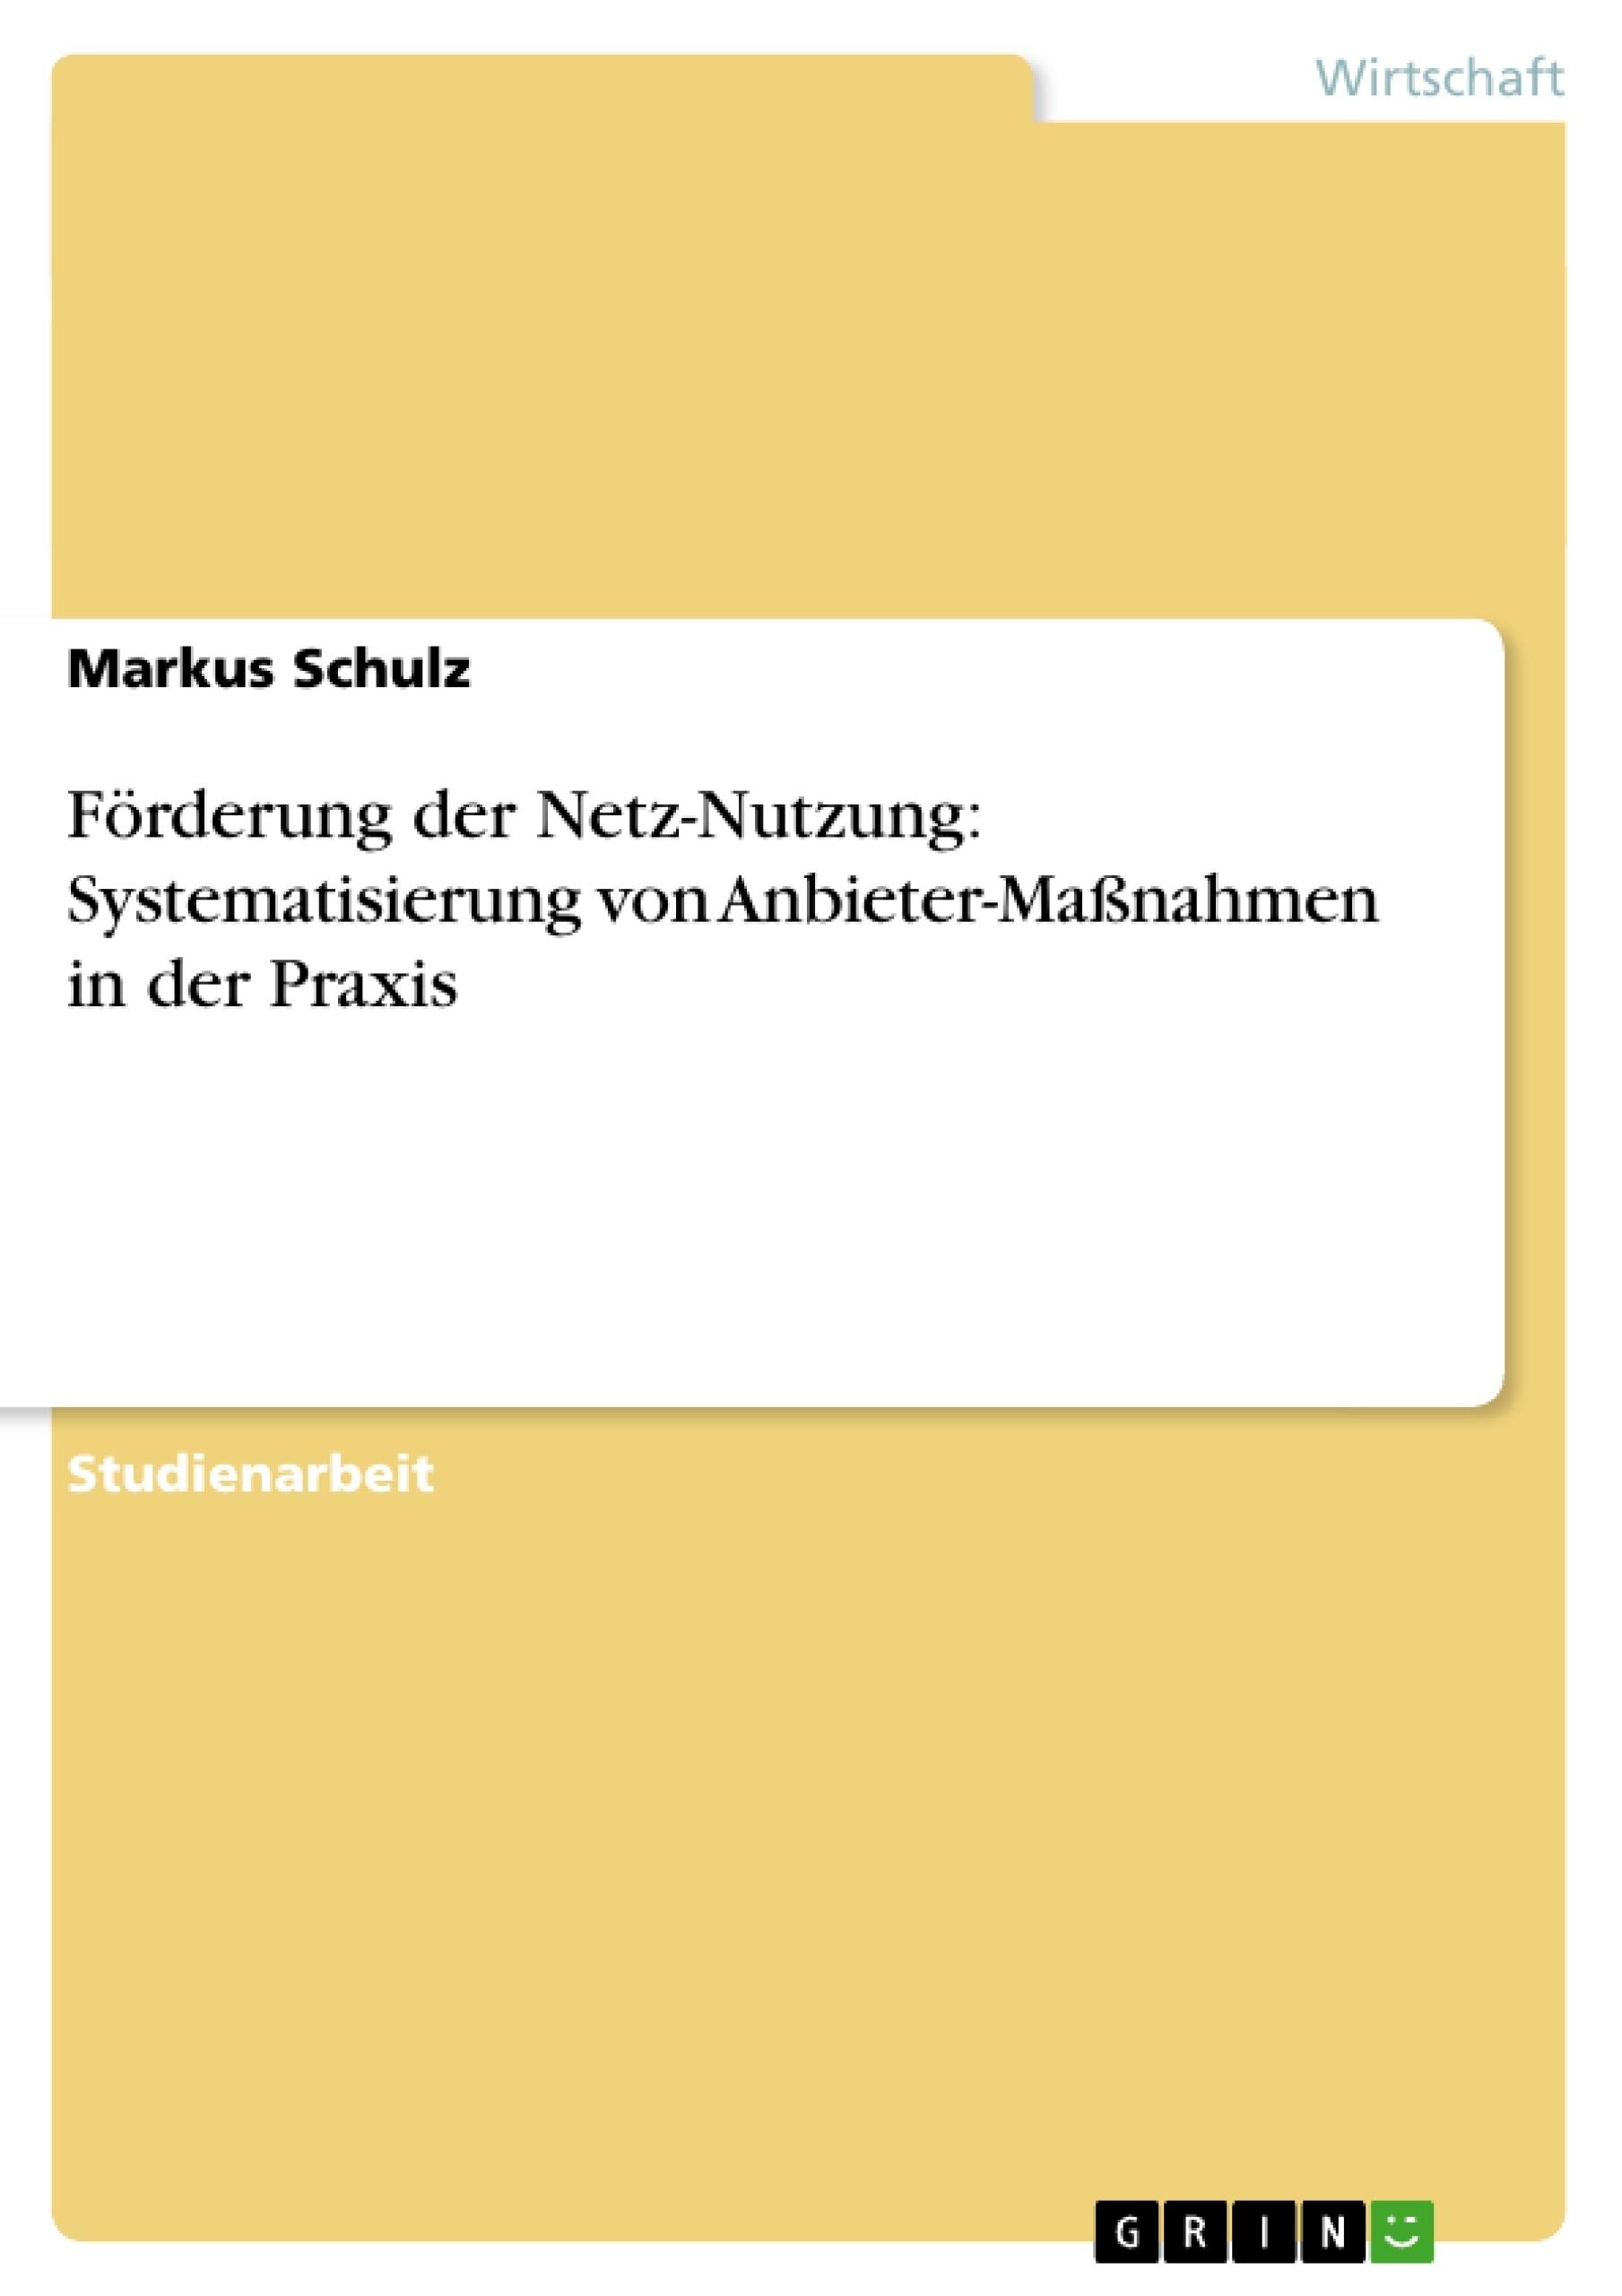 Titel: Förderung der Netz-Nutzung: Systematisierung von Anbieter-Maßnahmen in der Praxis